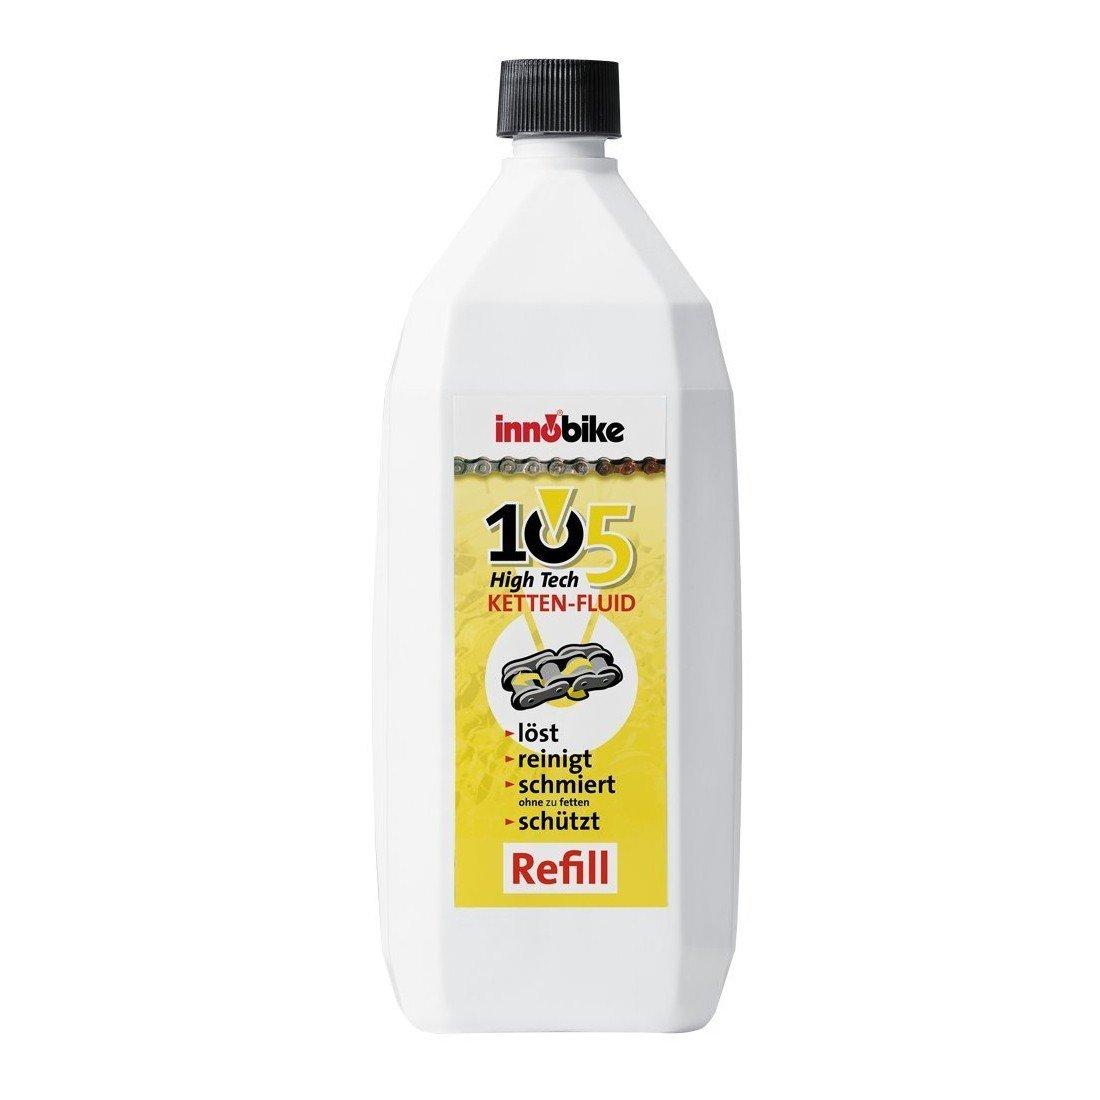 High Tech Ketten Fluid 105 Refill Innot. 1 Liter, Nachfüllflasche Refill Nachfüllflasche Refill innotech